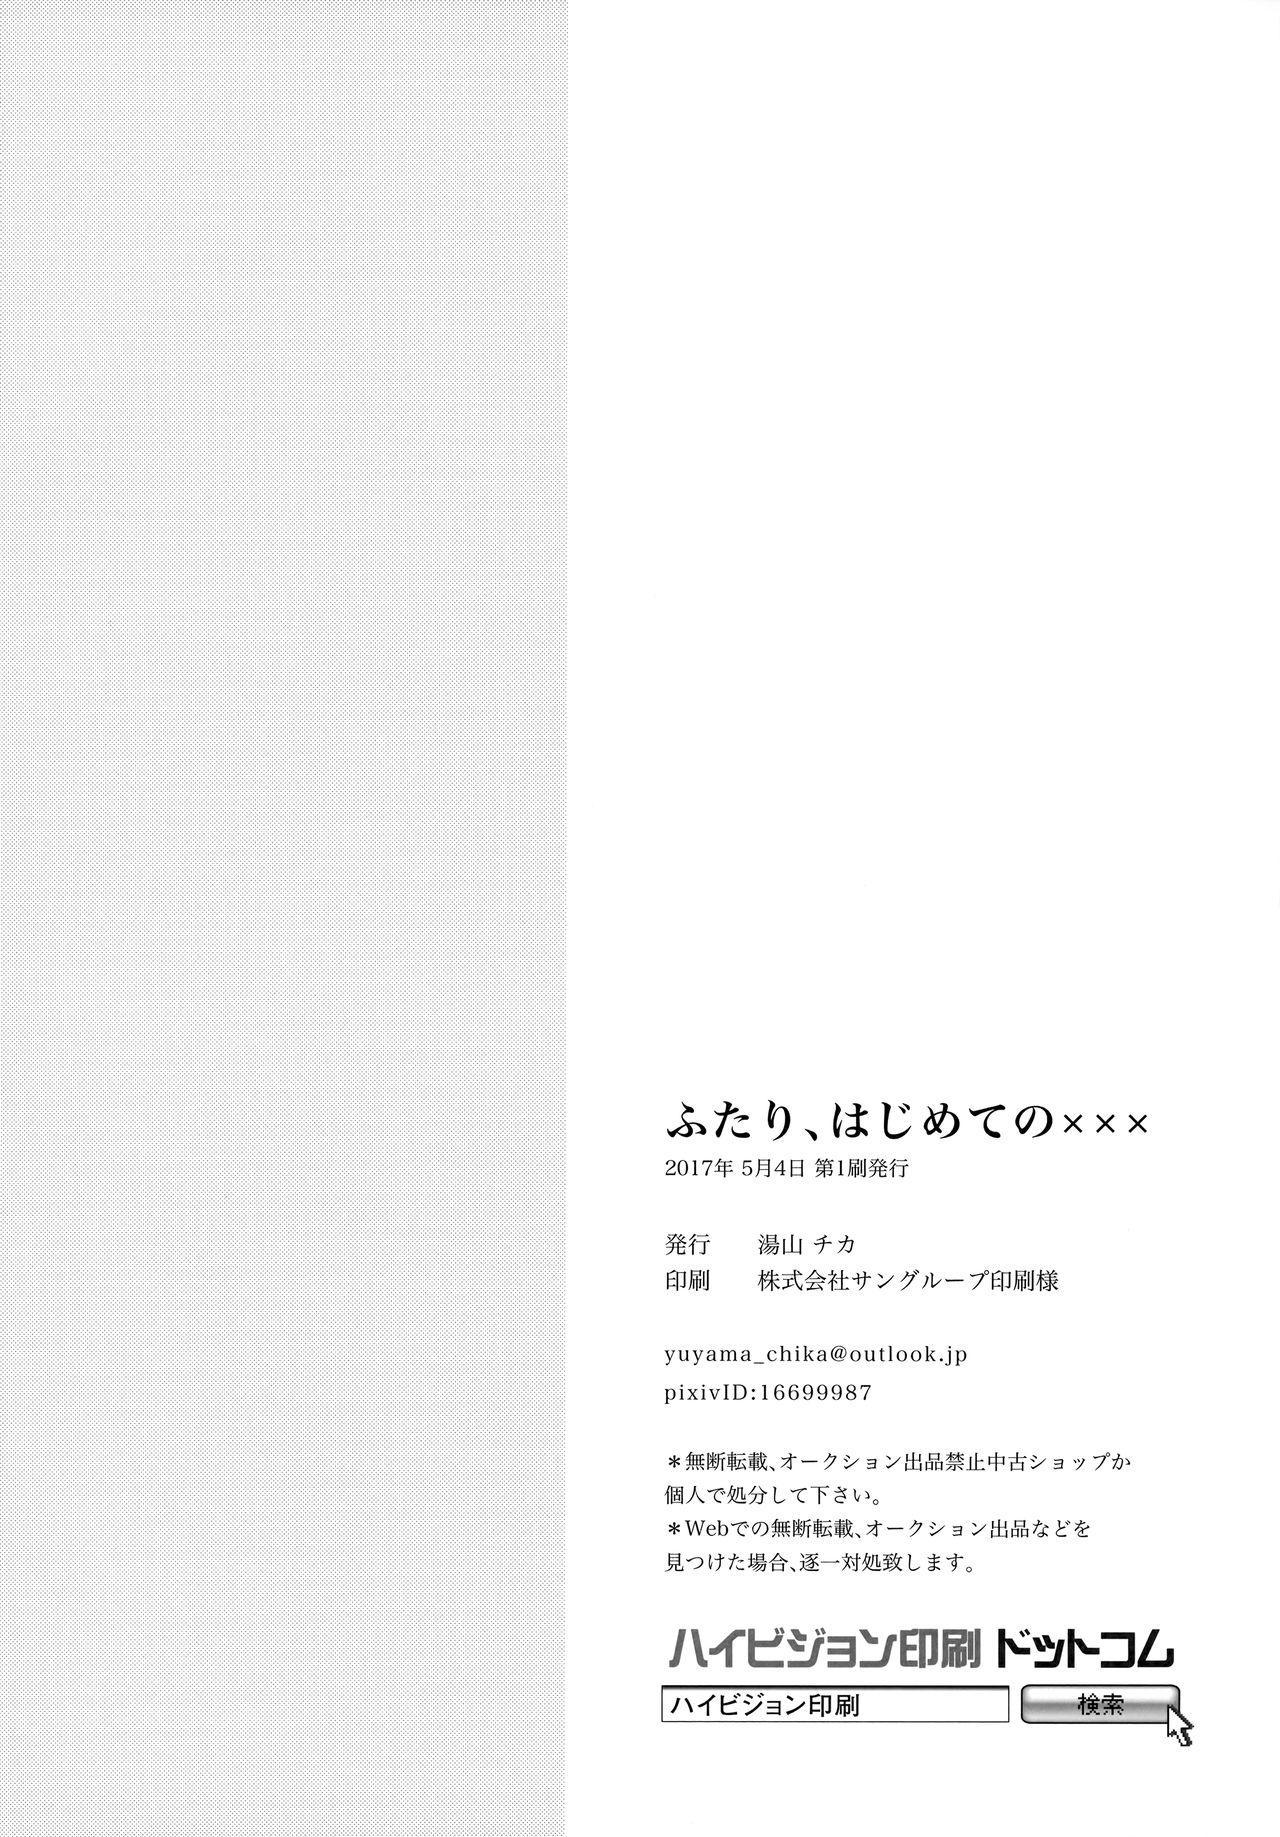 Futari, Hajimete no xxx   Their First XXX 20